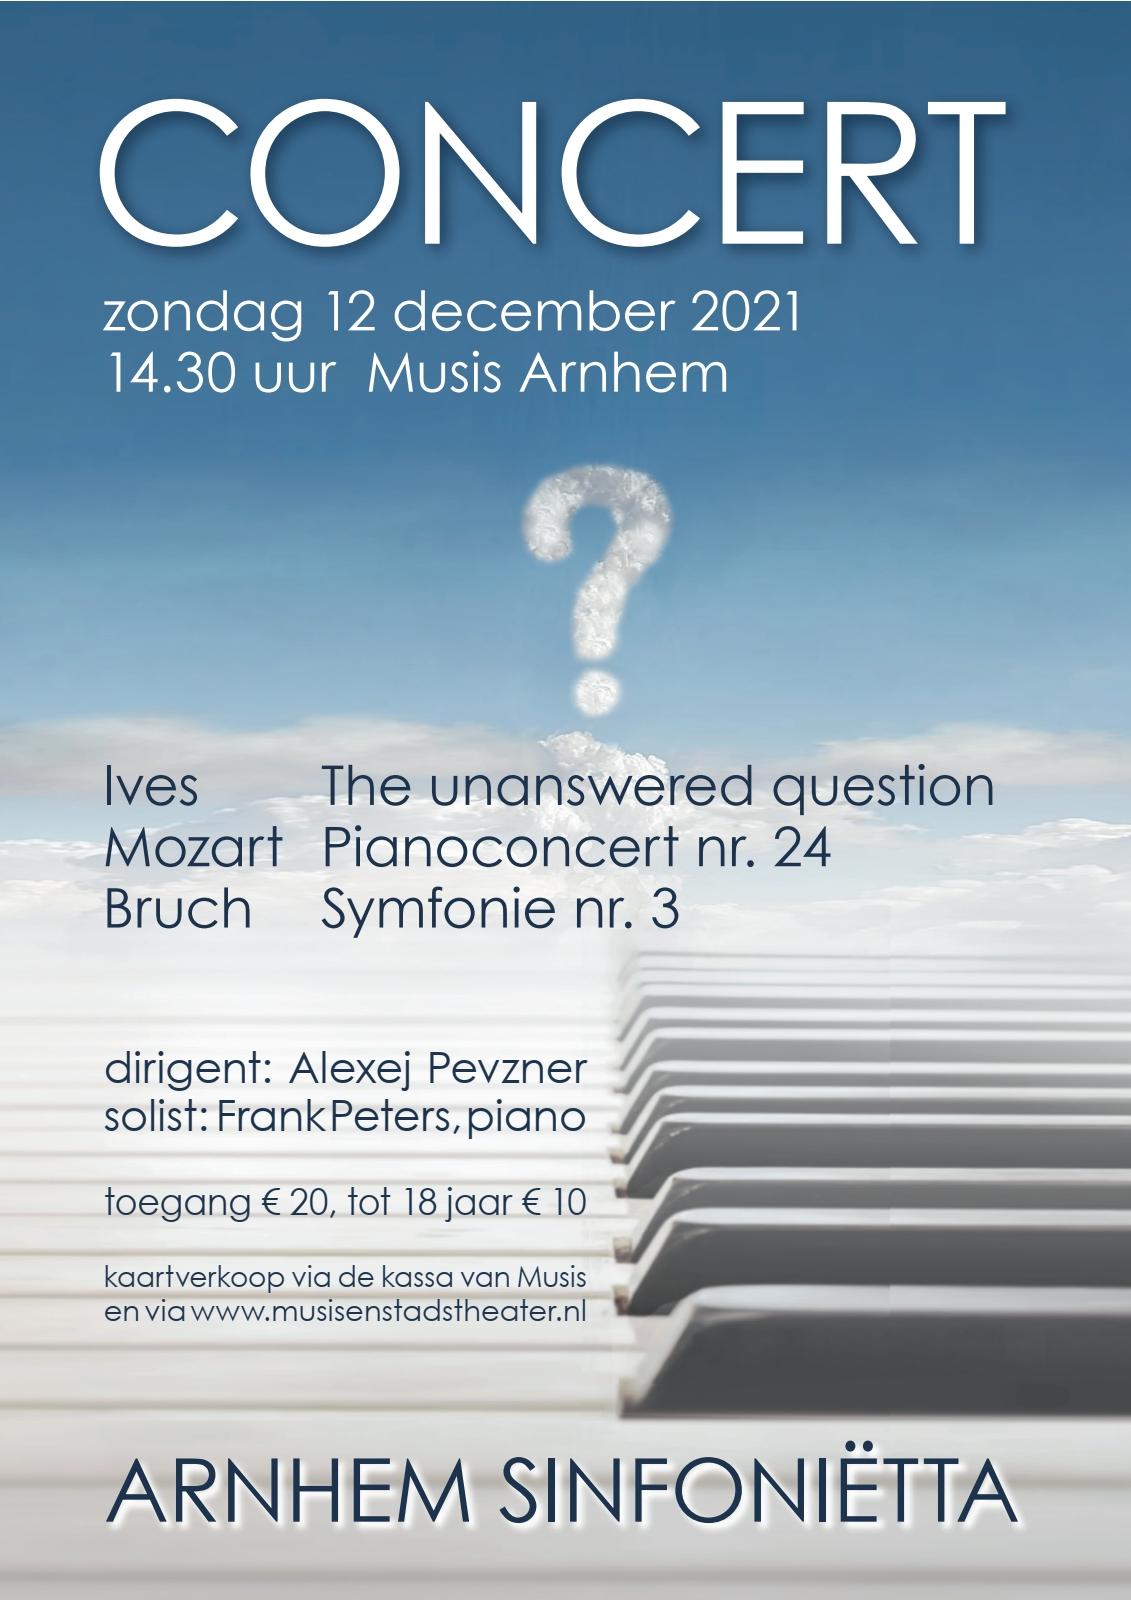 aankondiging concert